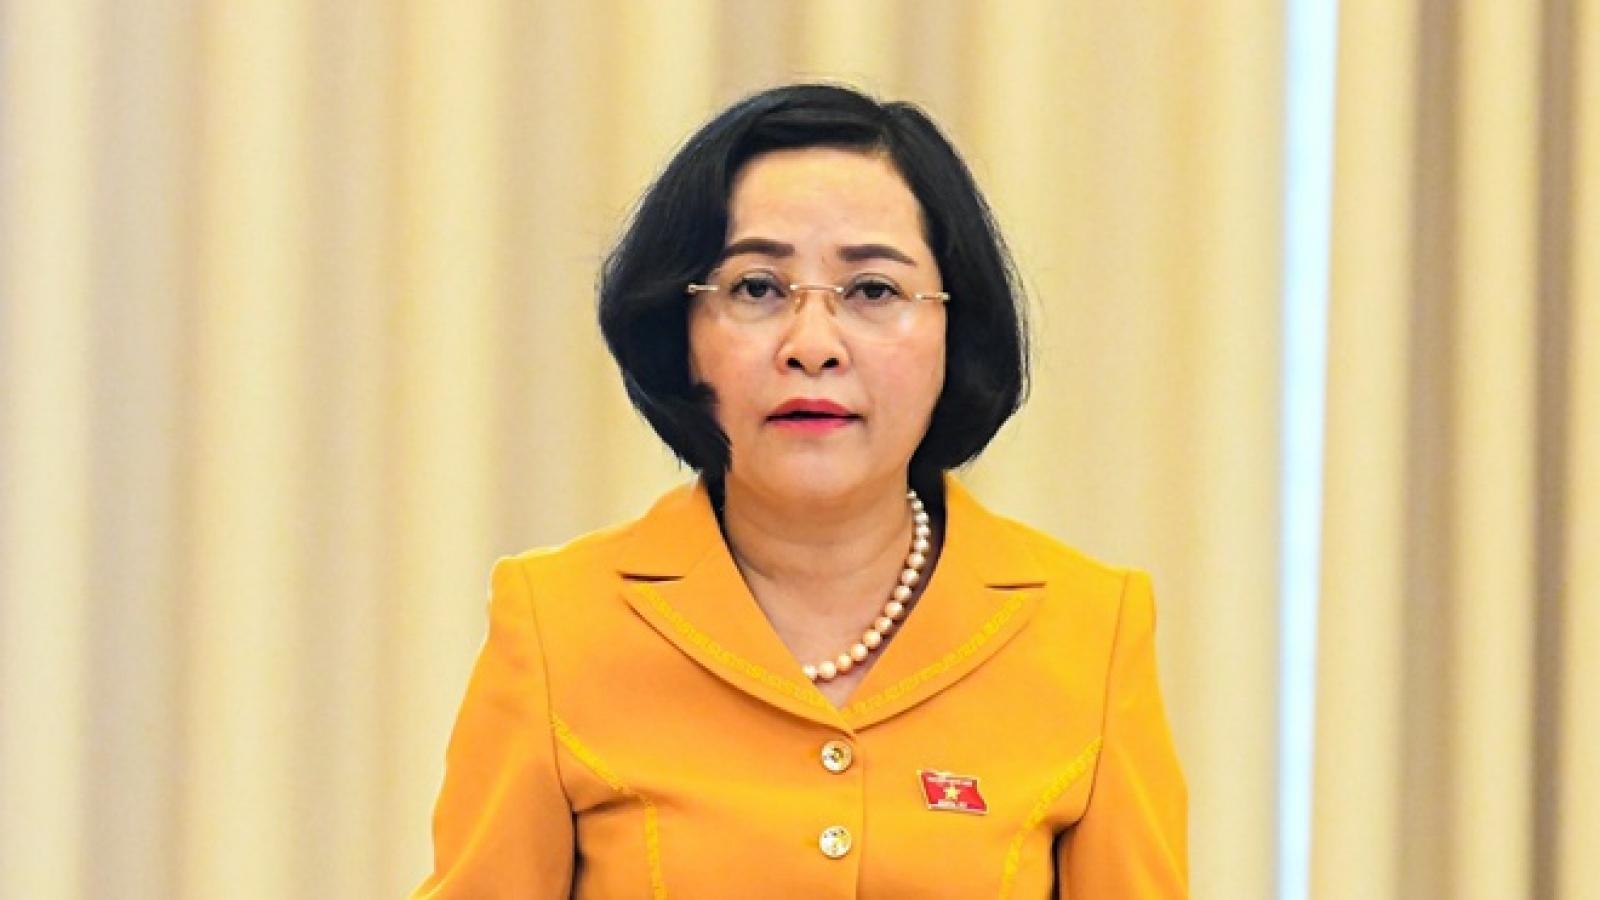 """Bà Nguyễn Thị Thanh: """"Có những nghị quyết của Quốc hội phải ký vào ban đêm"""""""